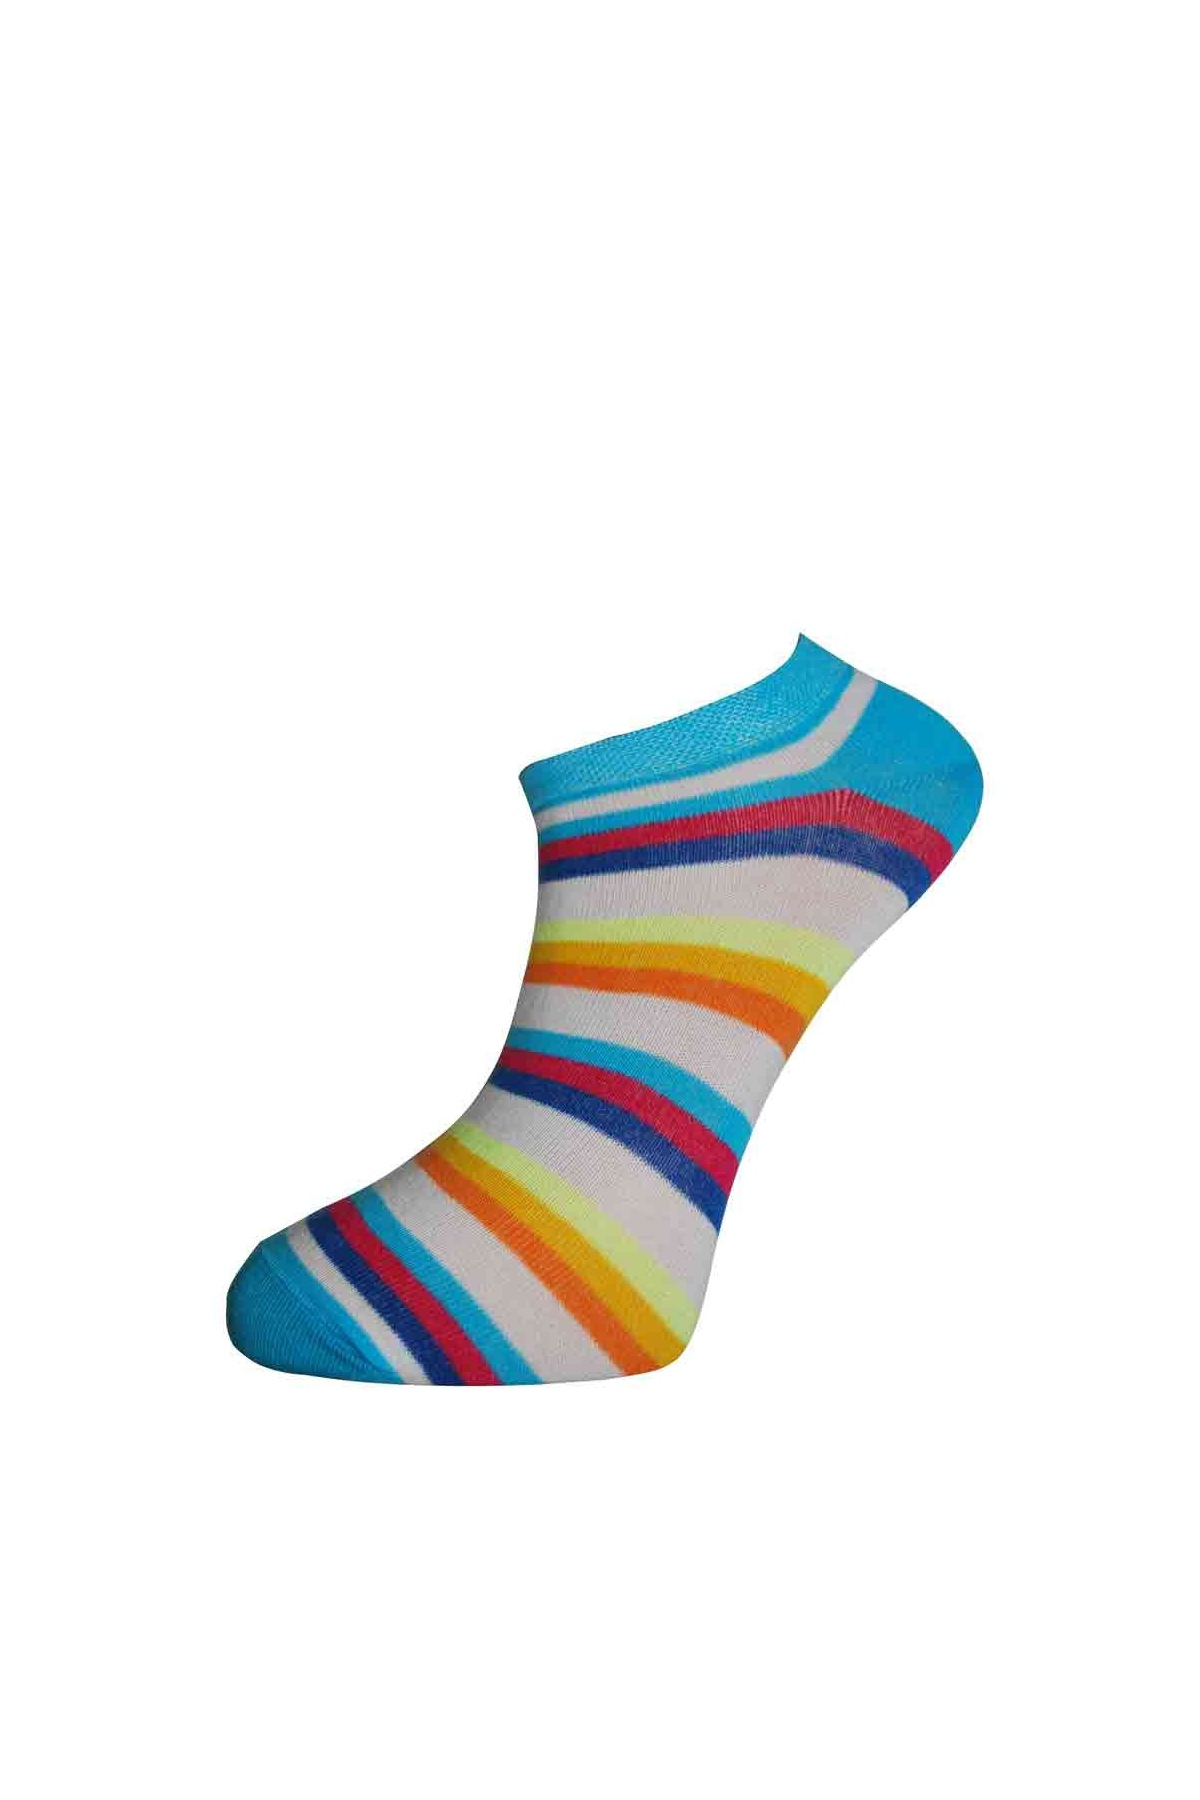 Dámská nízká pruh bavlněné ponožky. Tap to expand 42aada6d9c